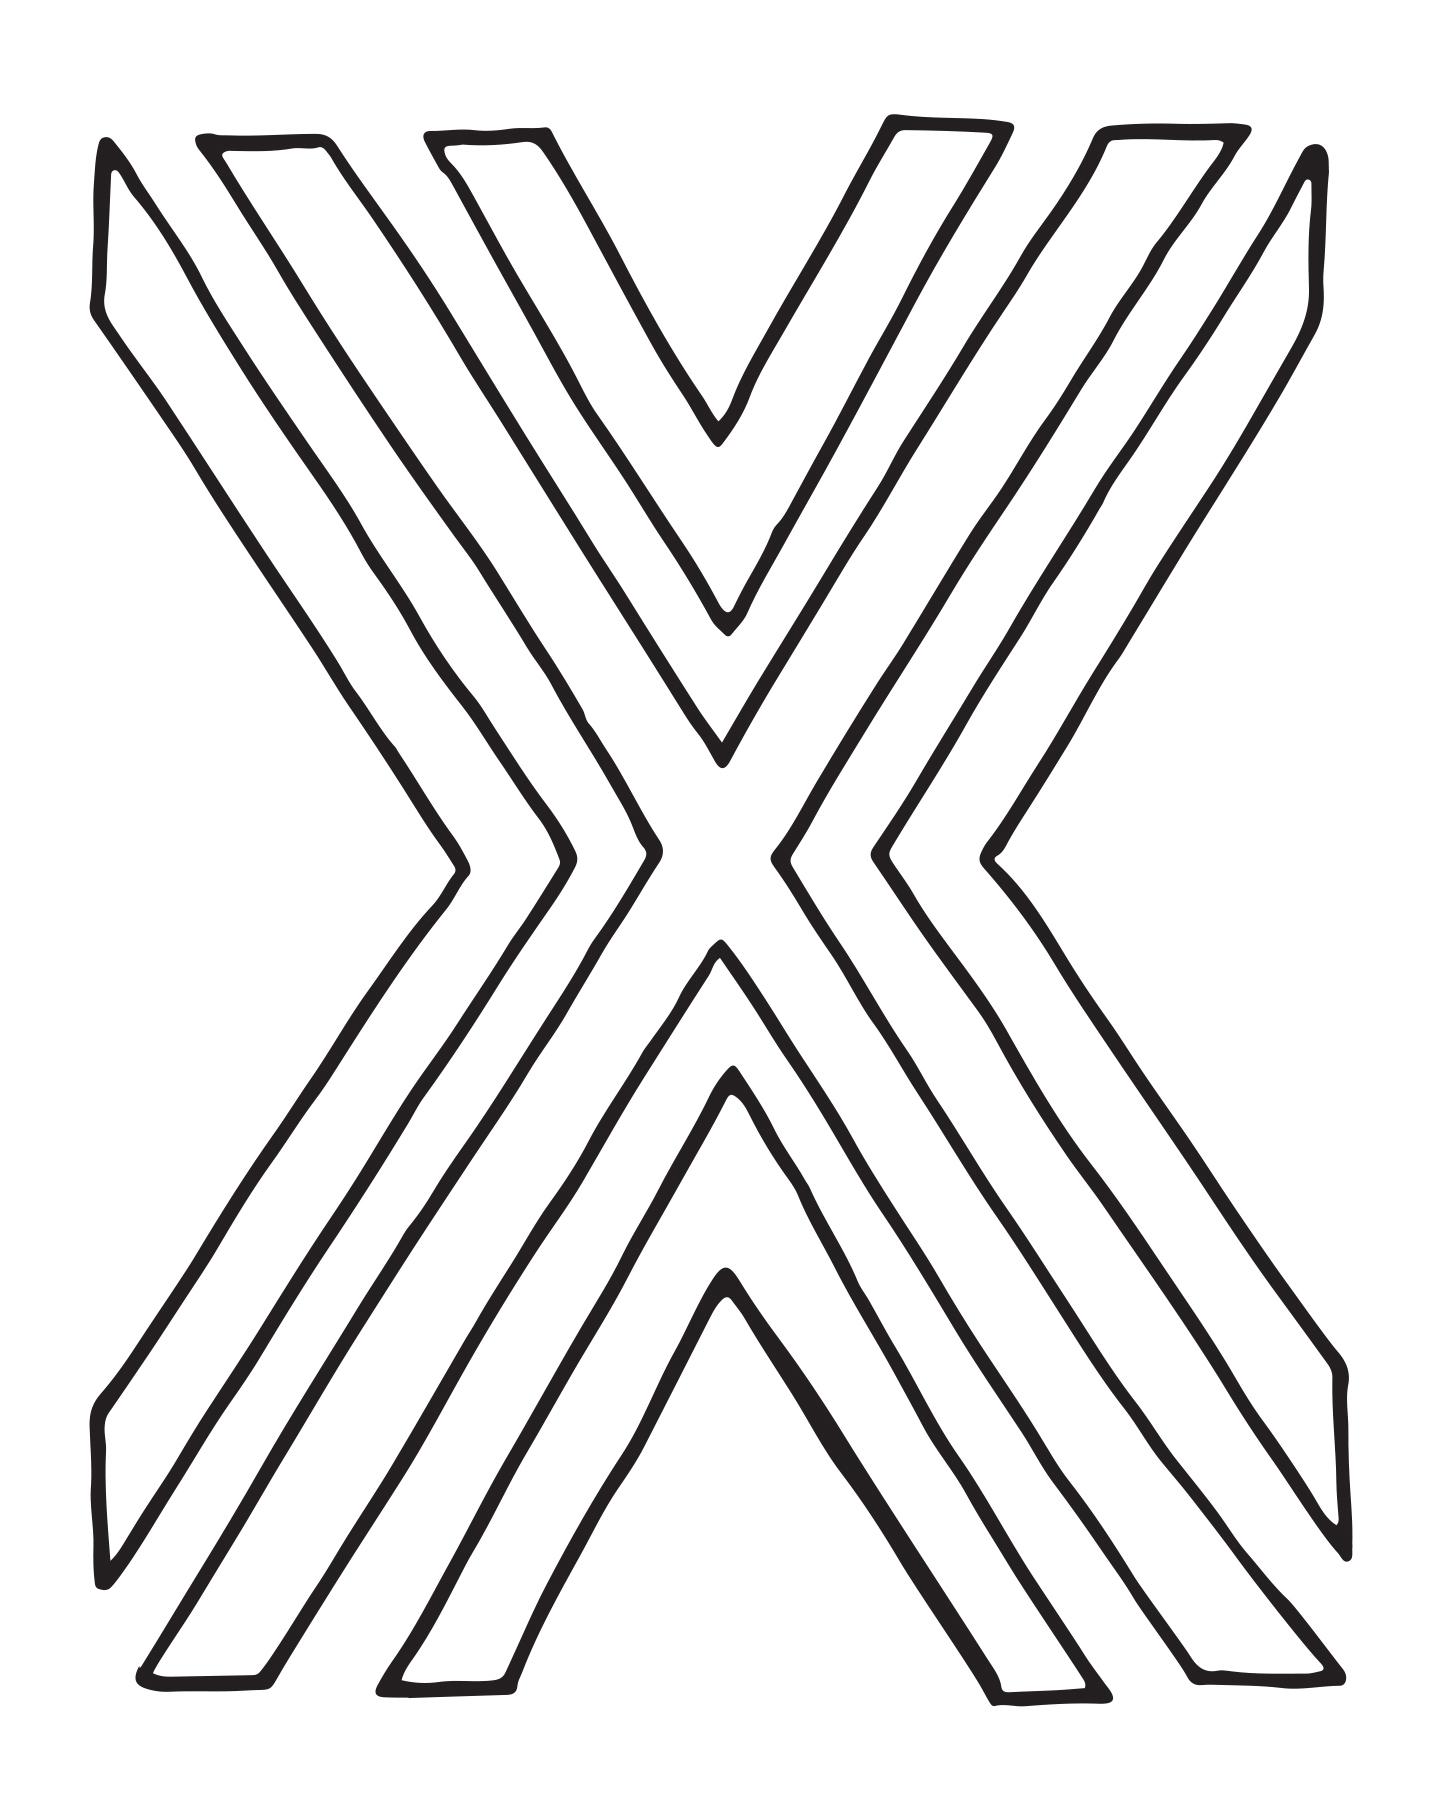 X-letterartchallenge.jpg